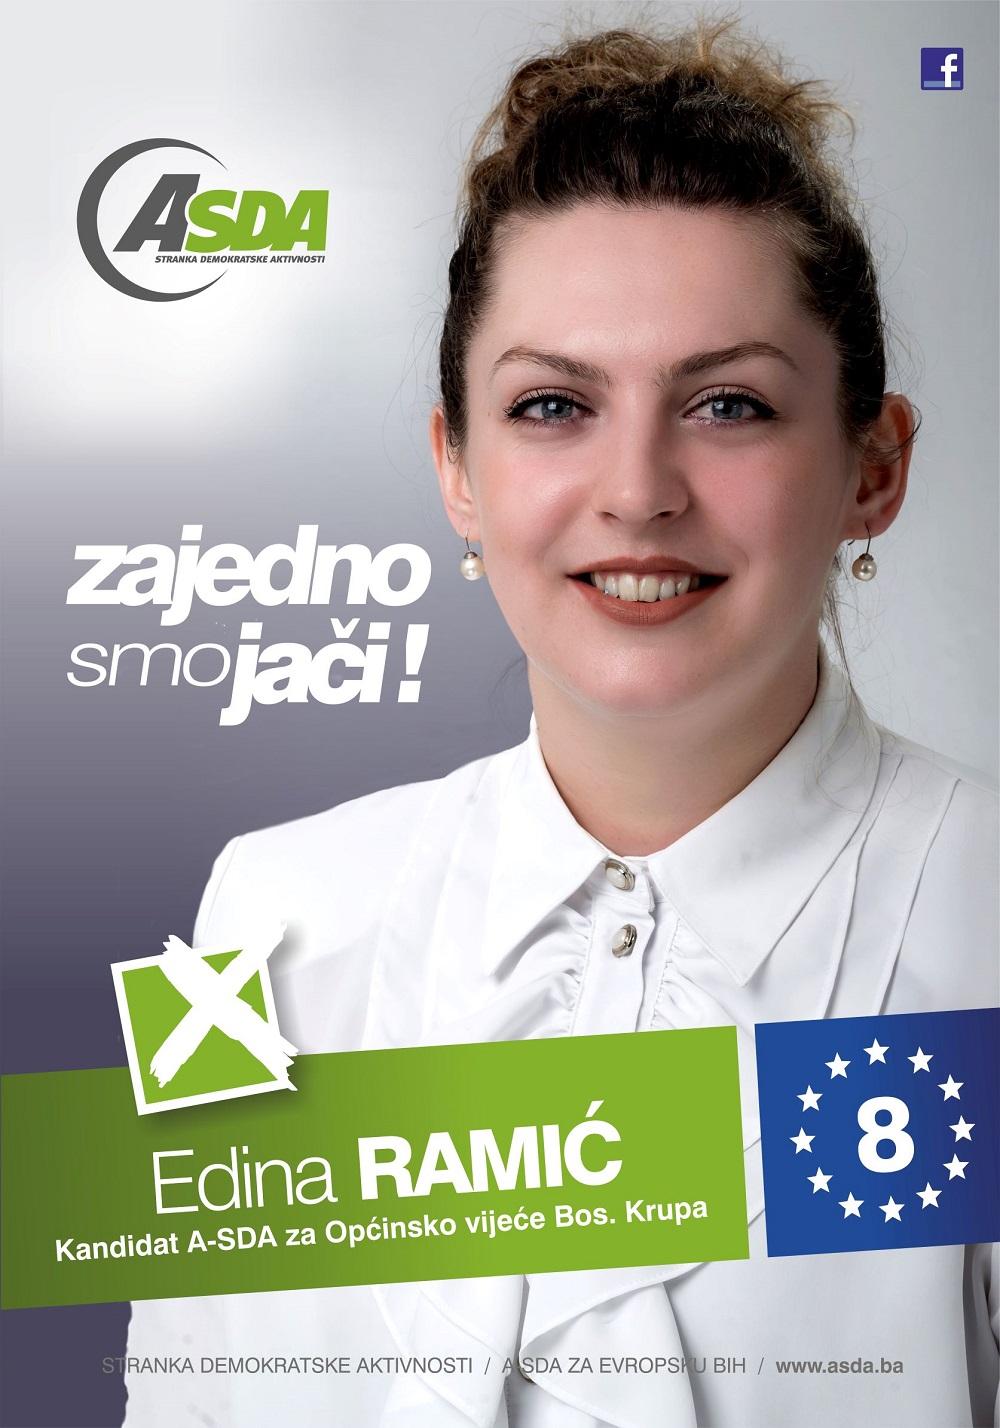 Edina Ramić je rođena 27. decembra 1996. godine u Bosanskoj Krupi gdje je završila osnovnu i srednju školu te stekla zvanje mašinskog tehničara za kompjutorsko projektovanje. Trenutno je zaposlena u […]